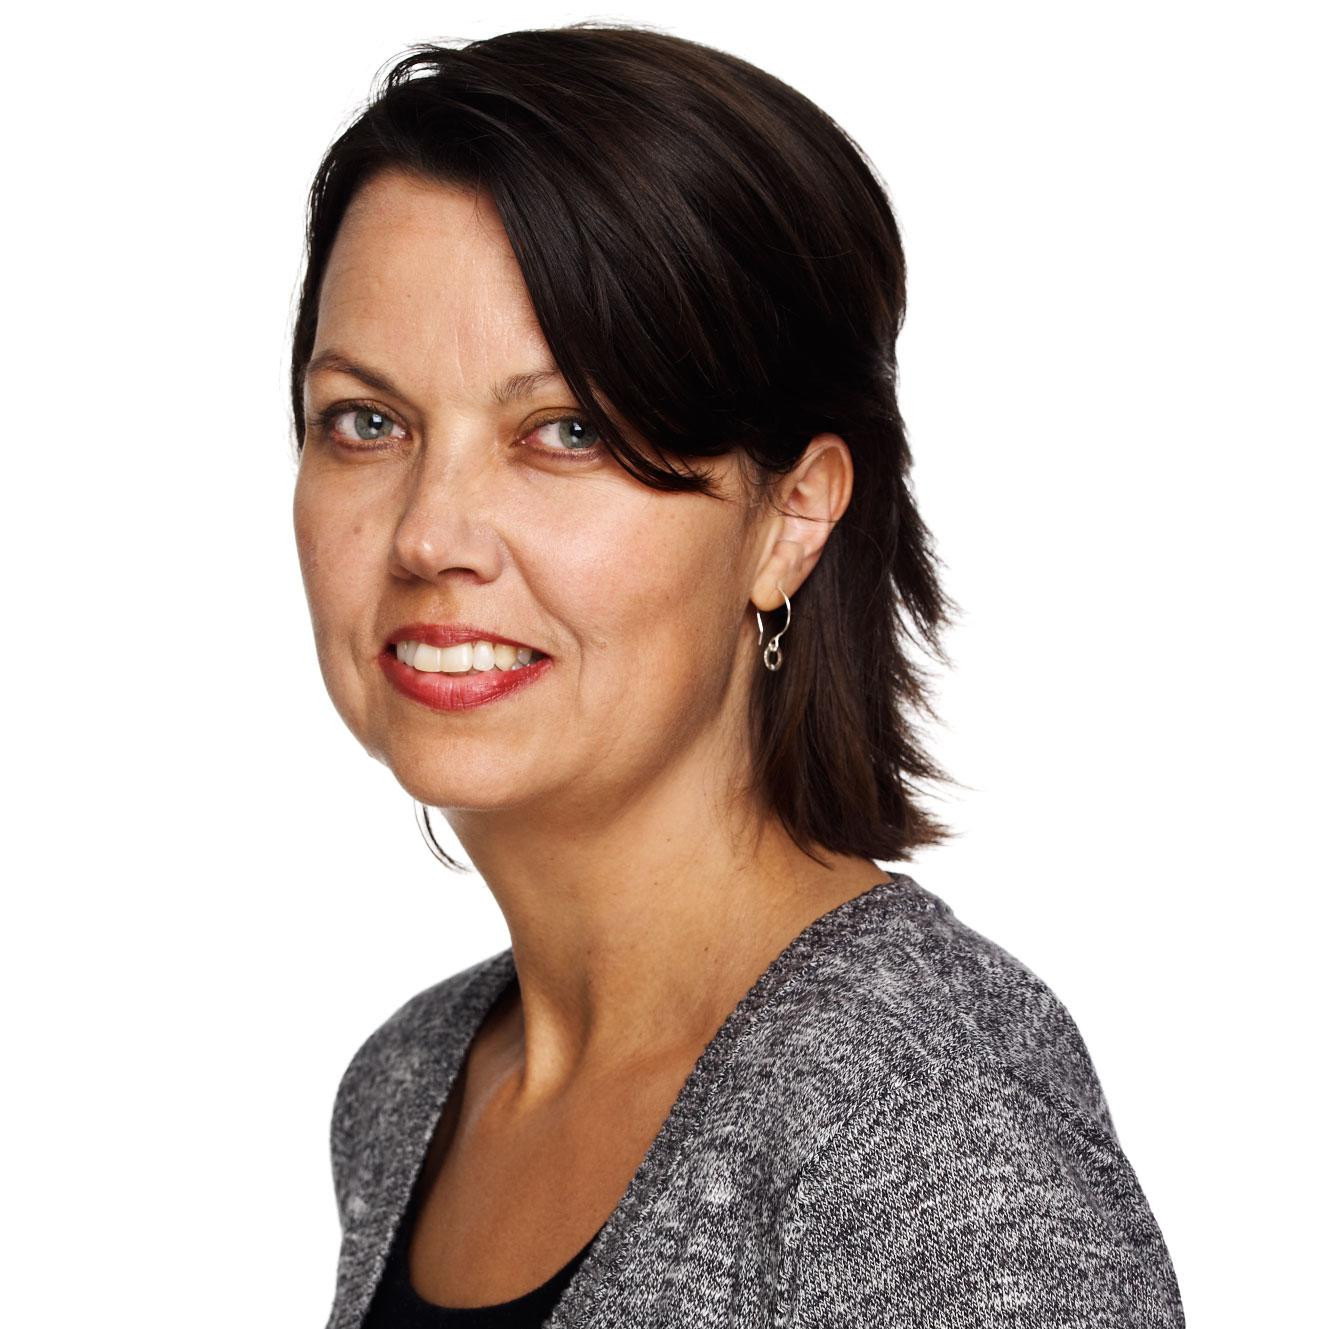 EKSPERTEN: – Er du organisert i en fagforening, og er omfattet av vår tariffavtale eller en annen avtale som gir rett til fem uker ferie, vil feriepengene utgjøre 12 prosent av lønnen, sier advokatfullmektig i Finansforbundet, Merethe Berggaard.